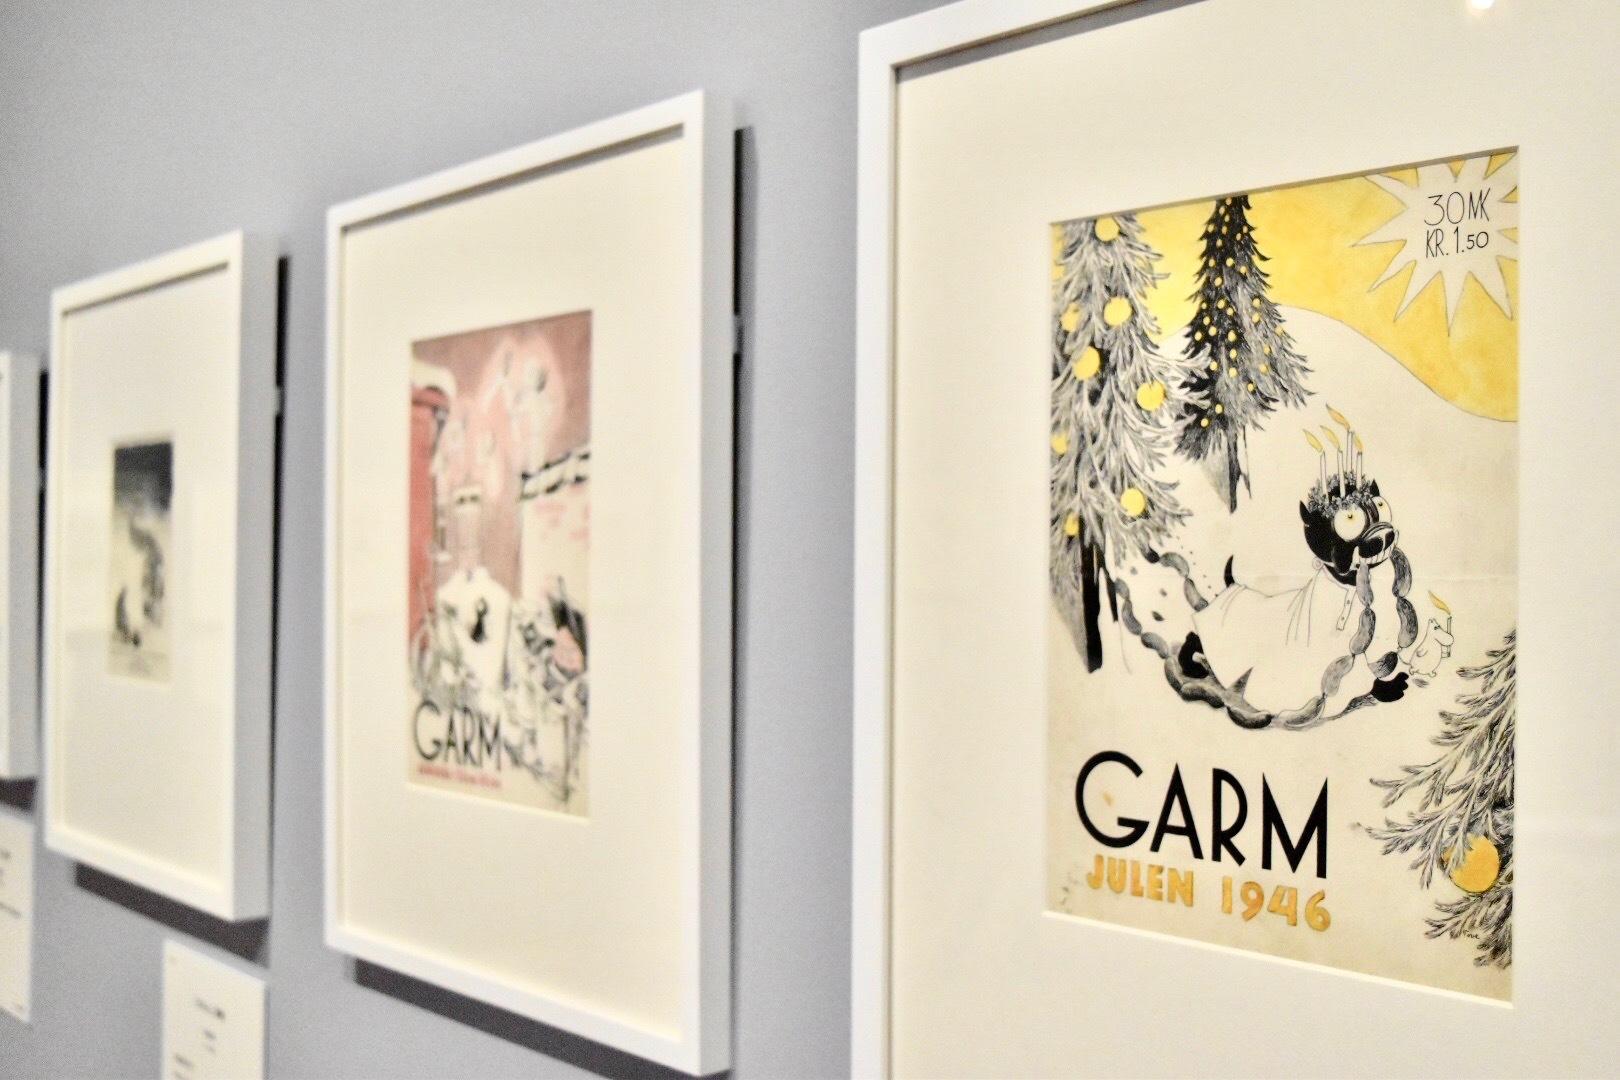 右:「ガルム」1946年クリスマス号表紙 1946年 ムーミン美術館